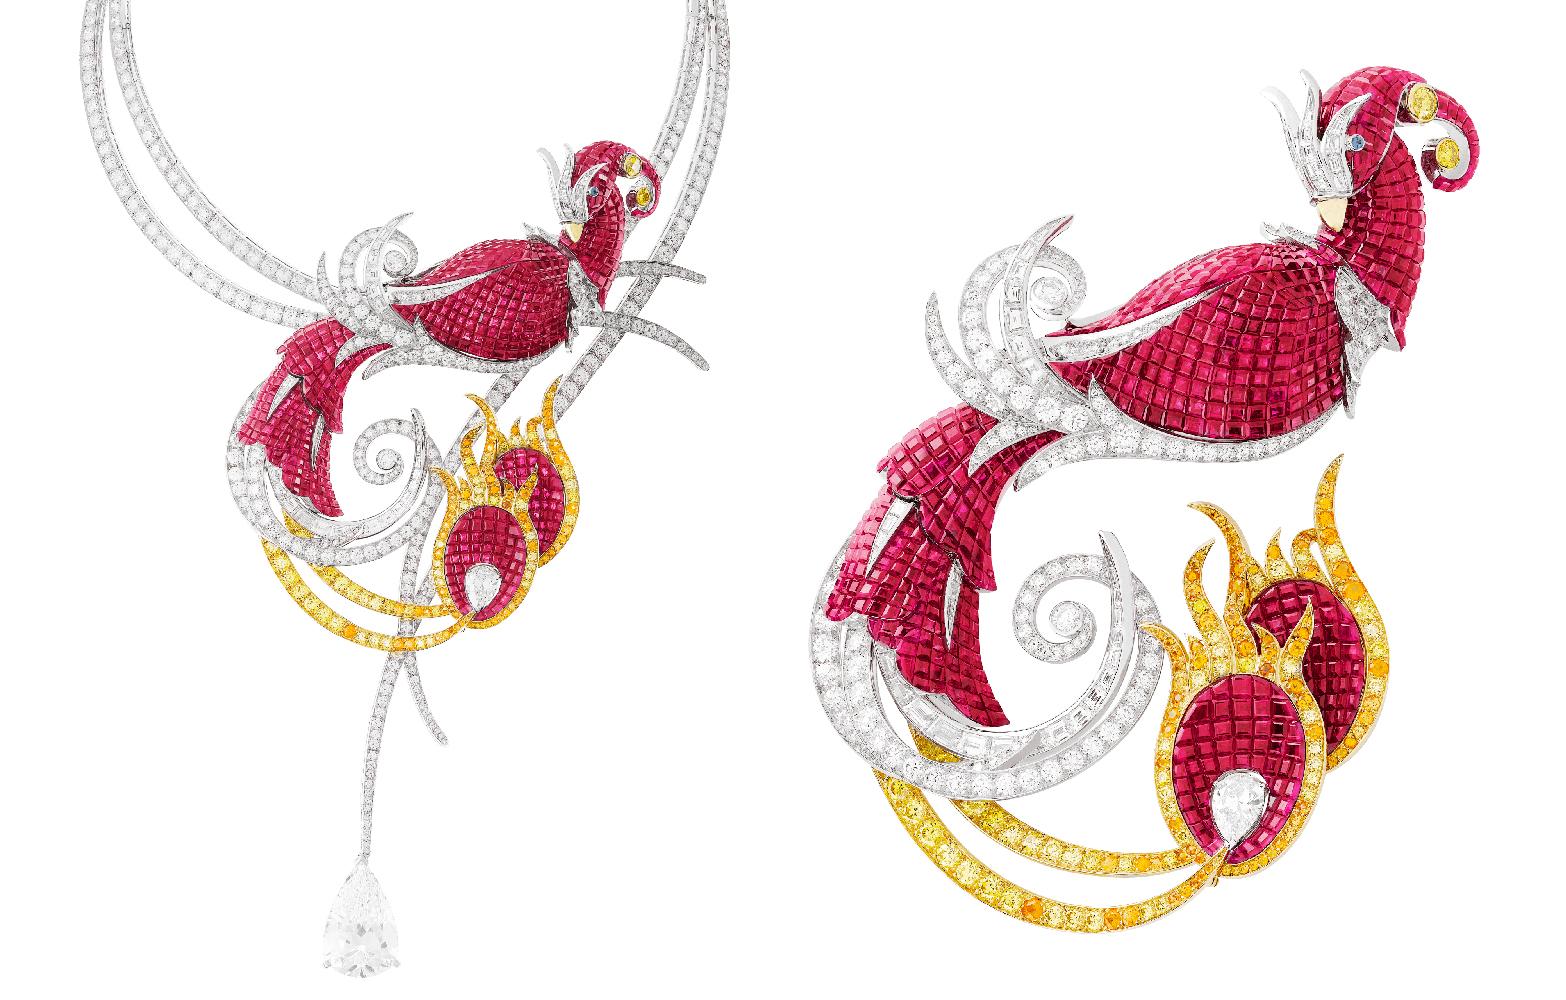 Phénix Mystérieux 項鍊及轉換式胸針by Van Cleef & Arpels。